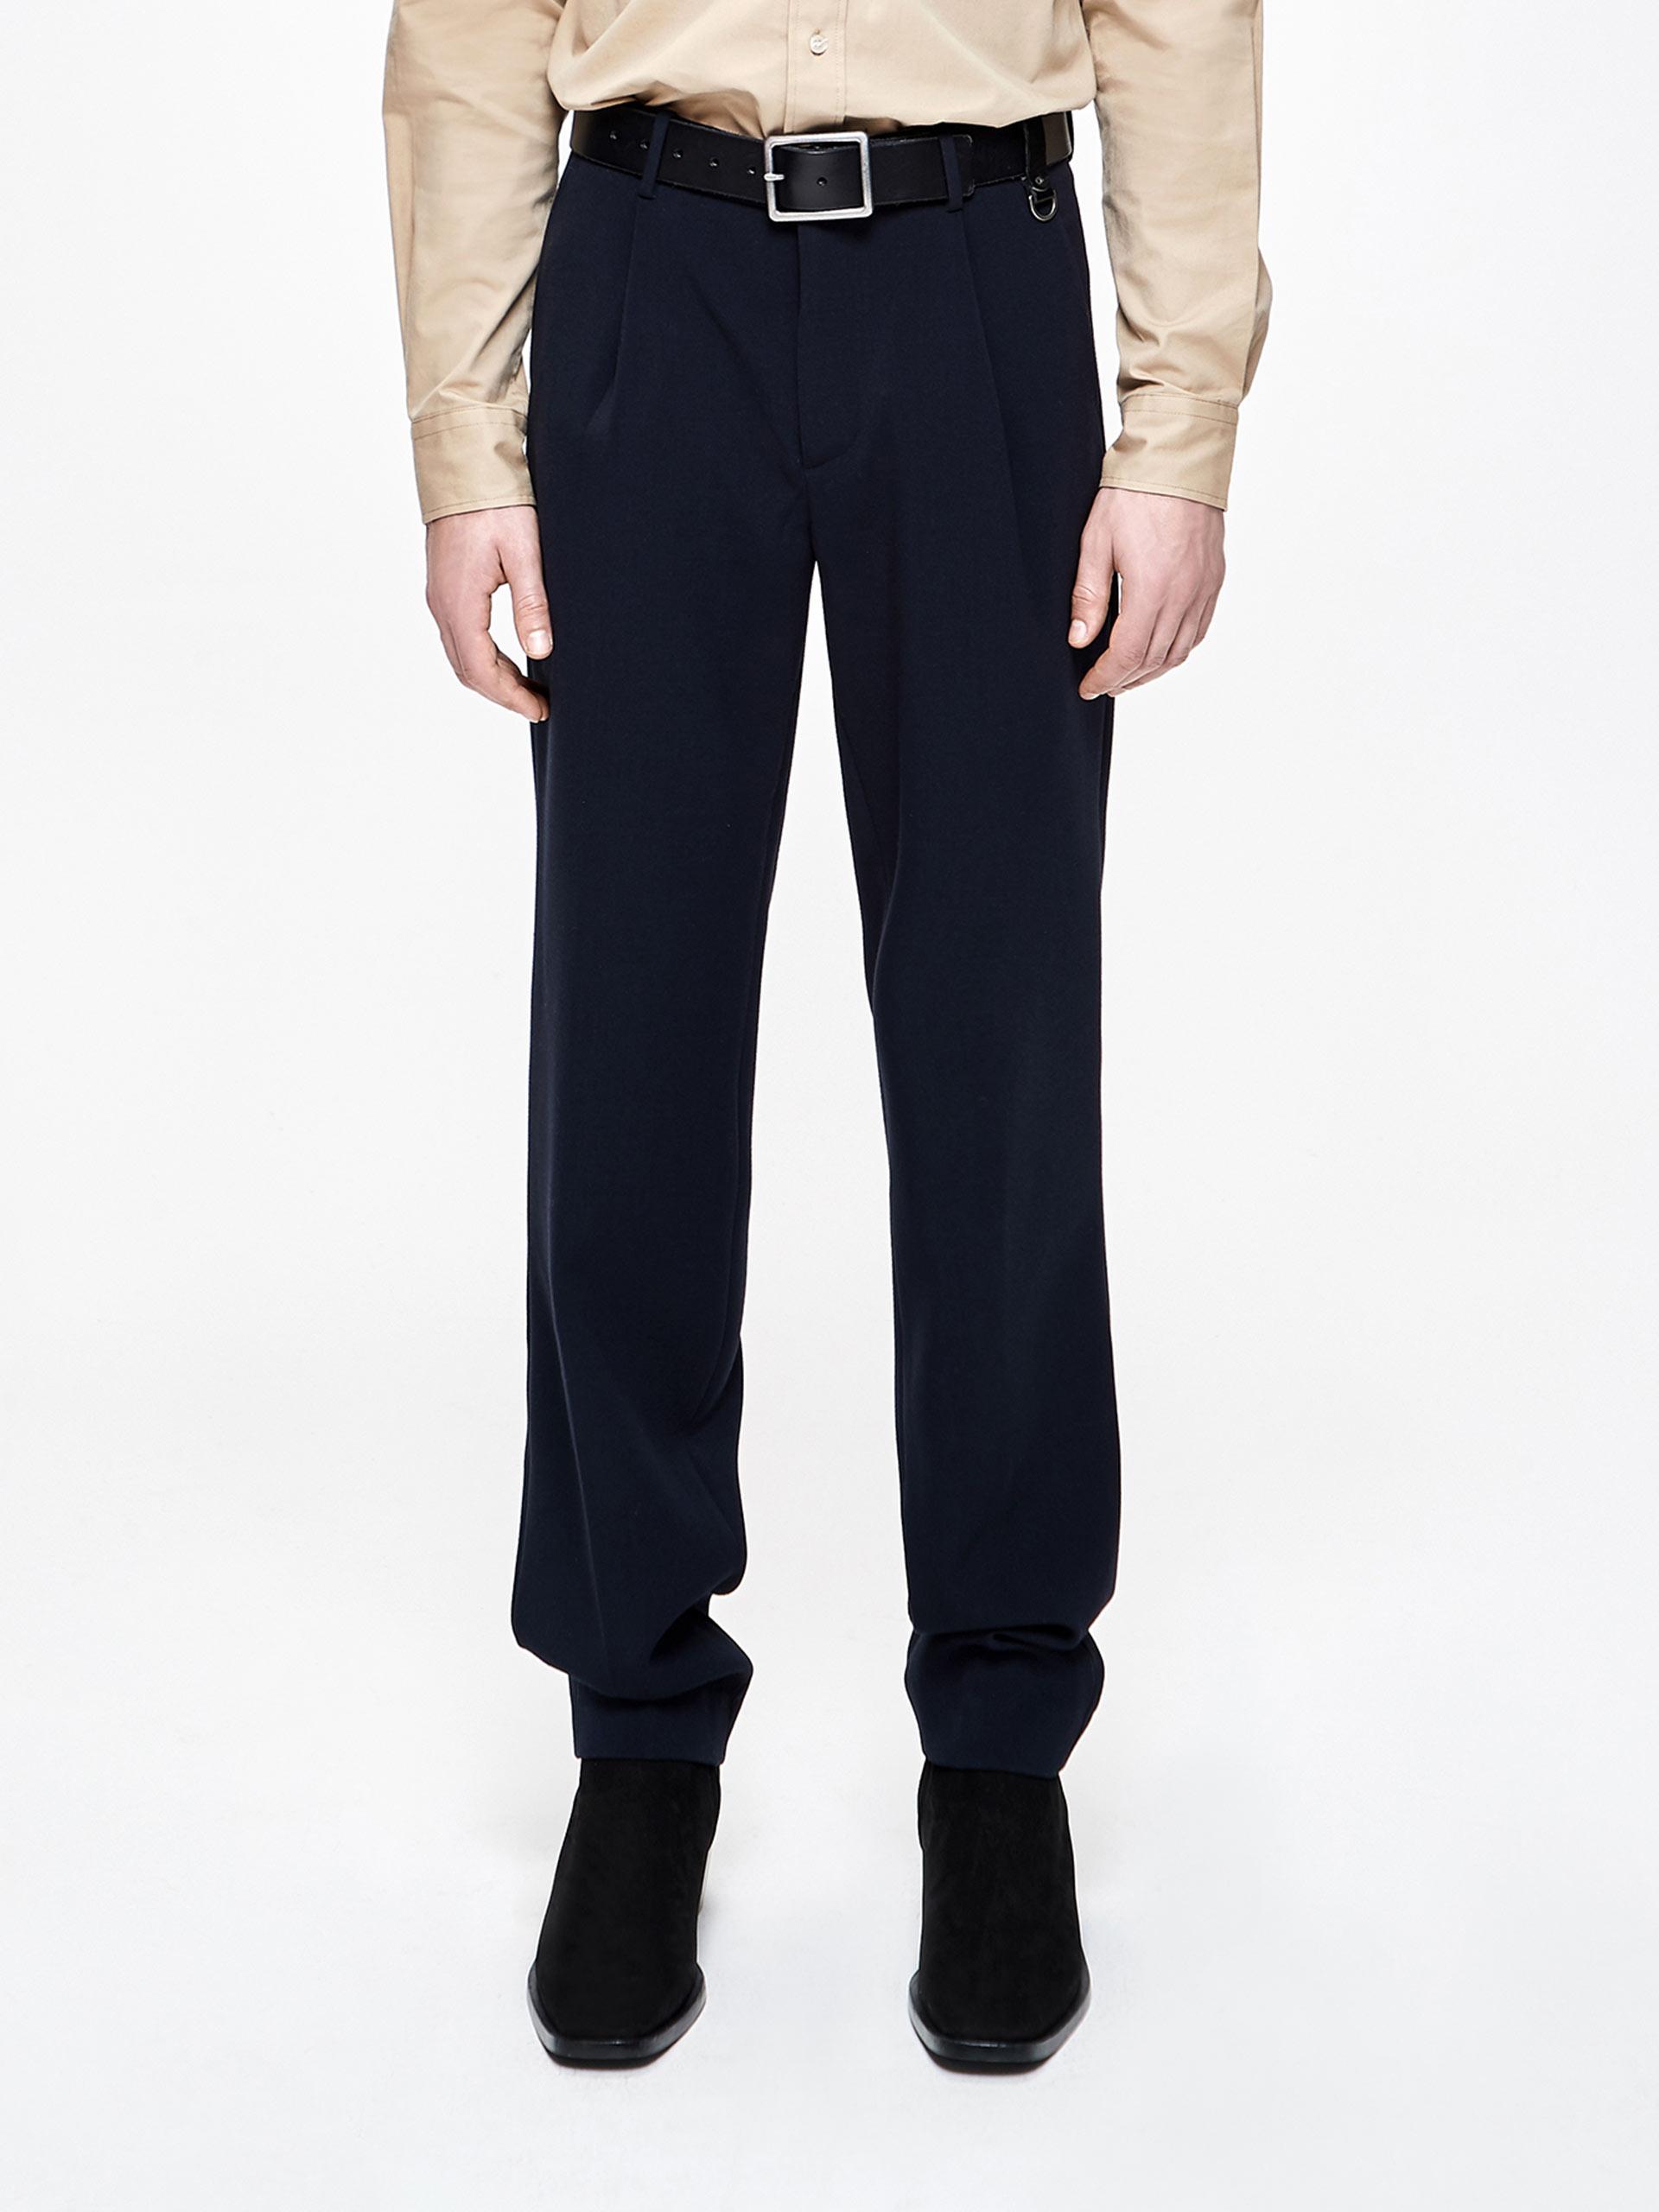 男装腰头印字直筒长裤